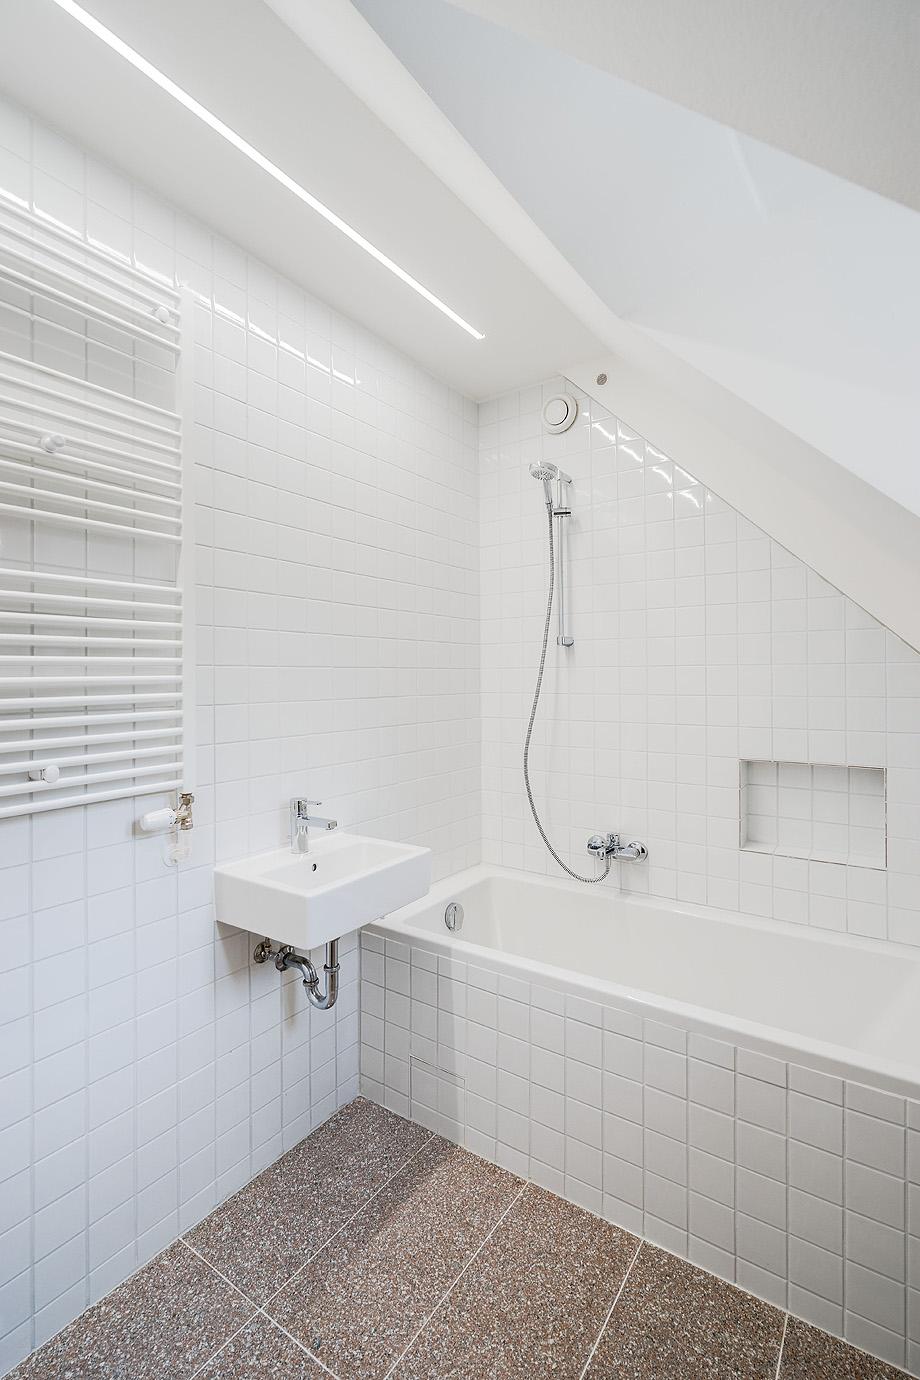 apartamento am106 de paola bagna - foto ringo paulusch (46)